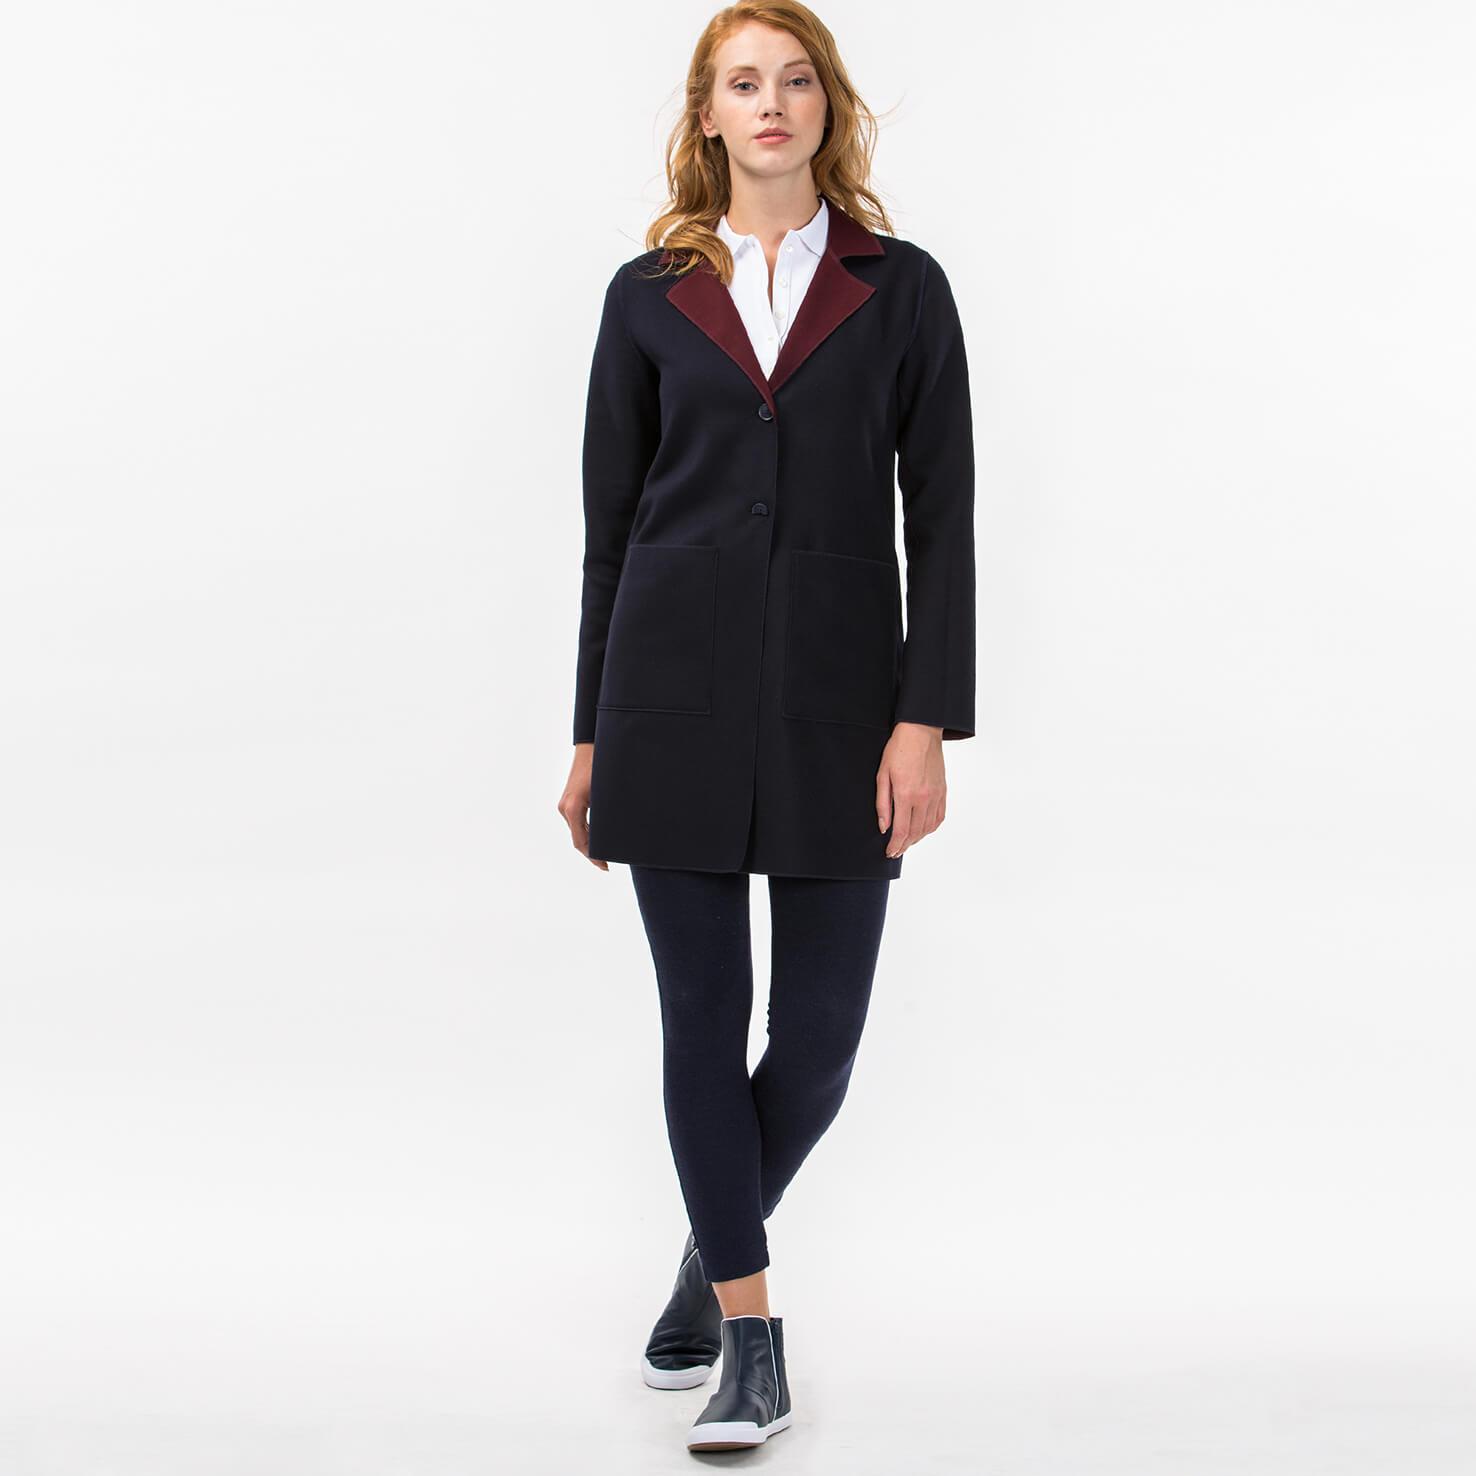 Куртка LacosteВерхняя одежда<br>Детали: с воротничком \ Материал: 65% полиэстер 32% вискоза 3% эластан \ Страна производства: Турция